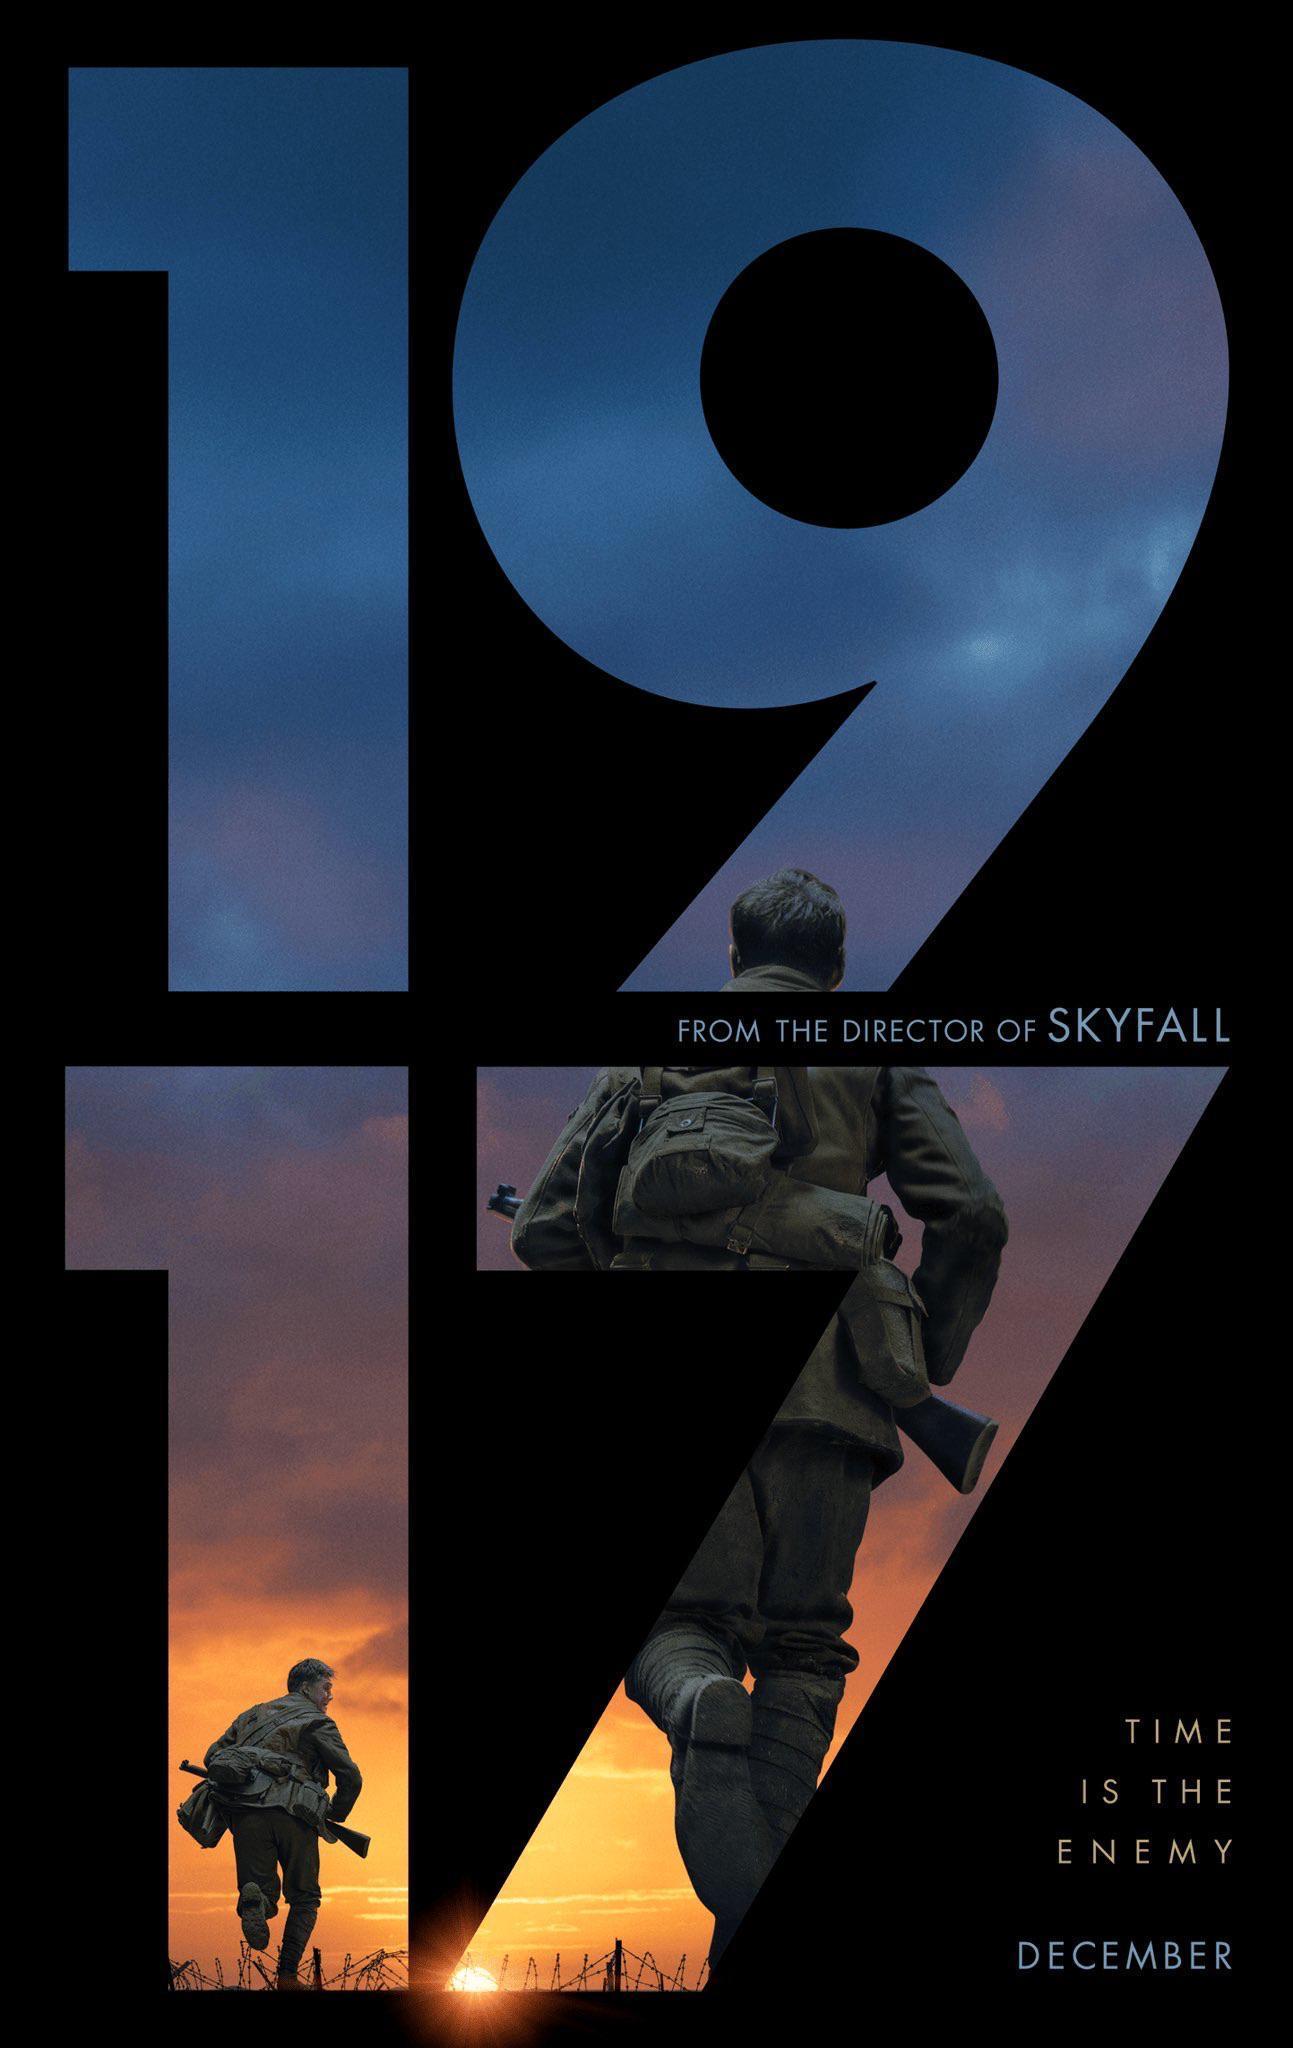 5 หนังใหม่ไม่ควรพลาด ประจำเดือนมกราคม 2563